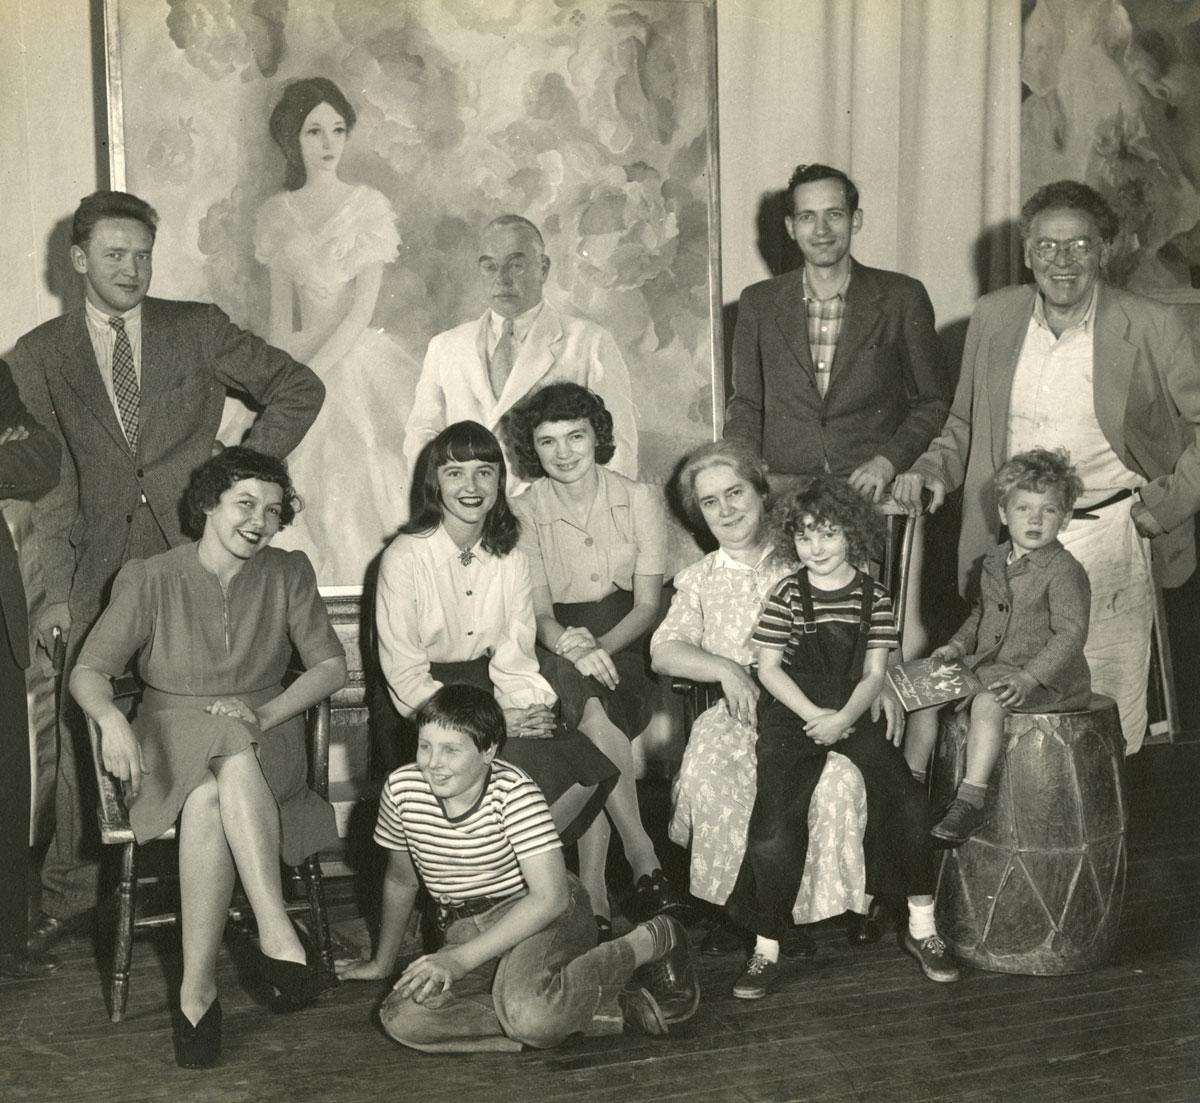 Члены семьи Уайет: Эндрю, Кэролин (сестра), Бетси, Энн Уайет Маккой, Кэролин (мать), Джон Маккой, Северная Каролина и три его внука стоят перед двойным портретом, написанным Генриеттой Уайет. 1942